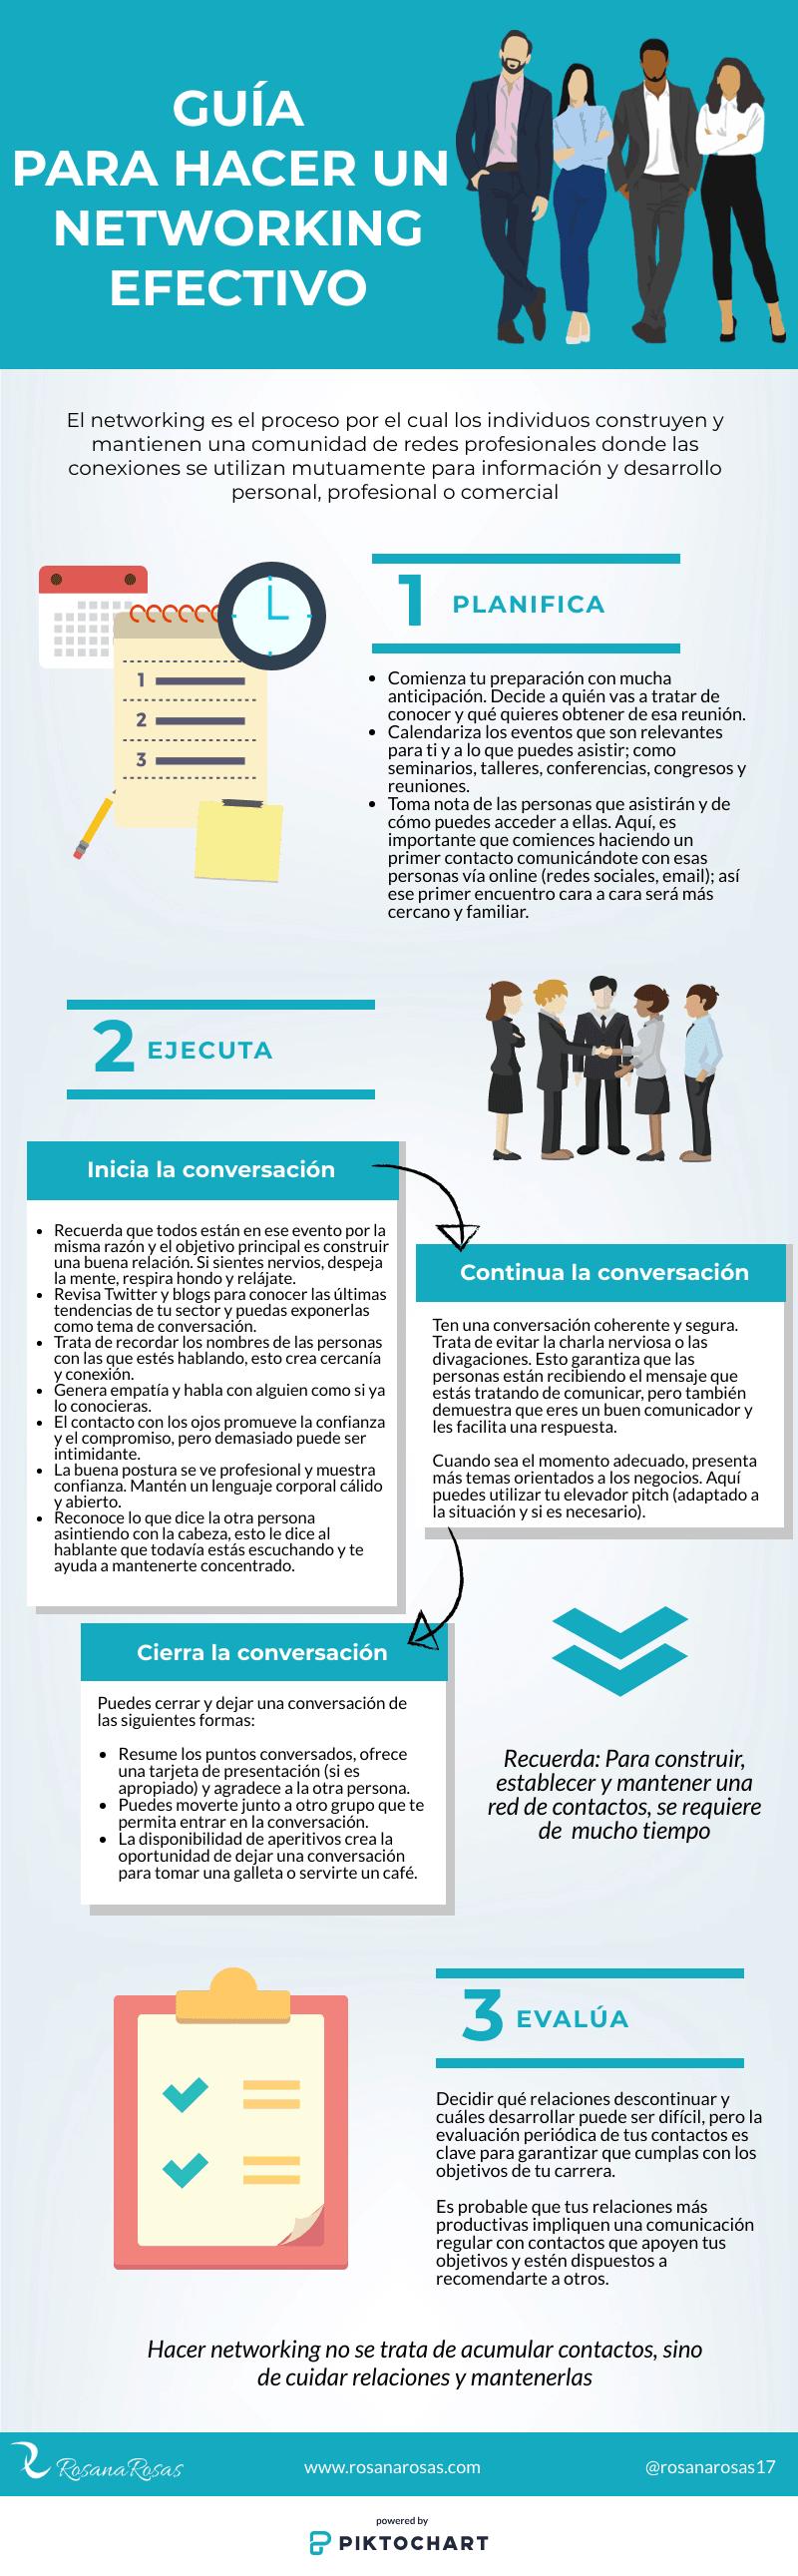 Guía para hacer un networking efectivo